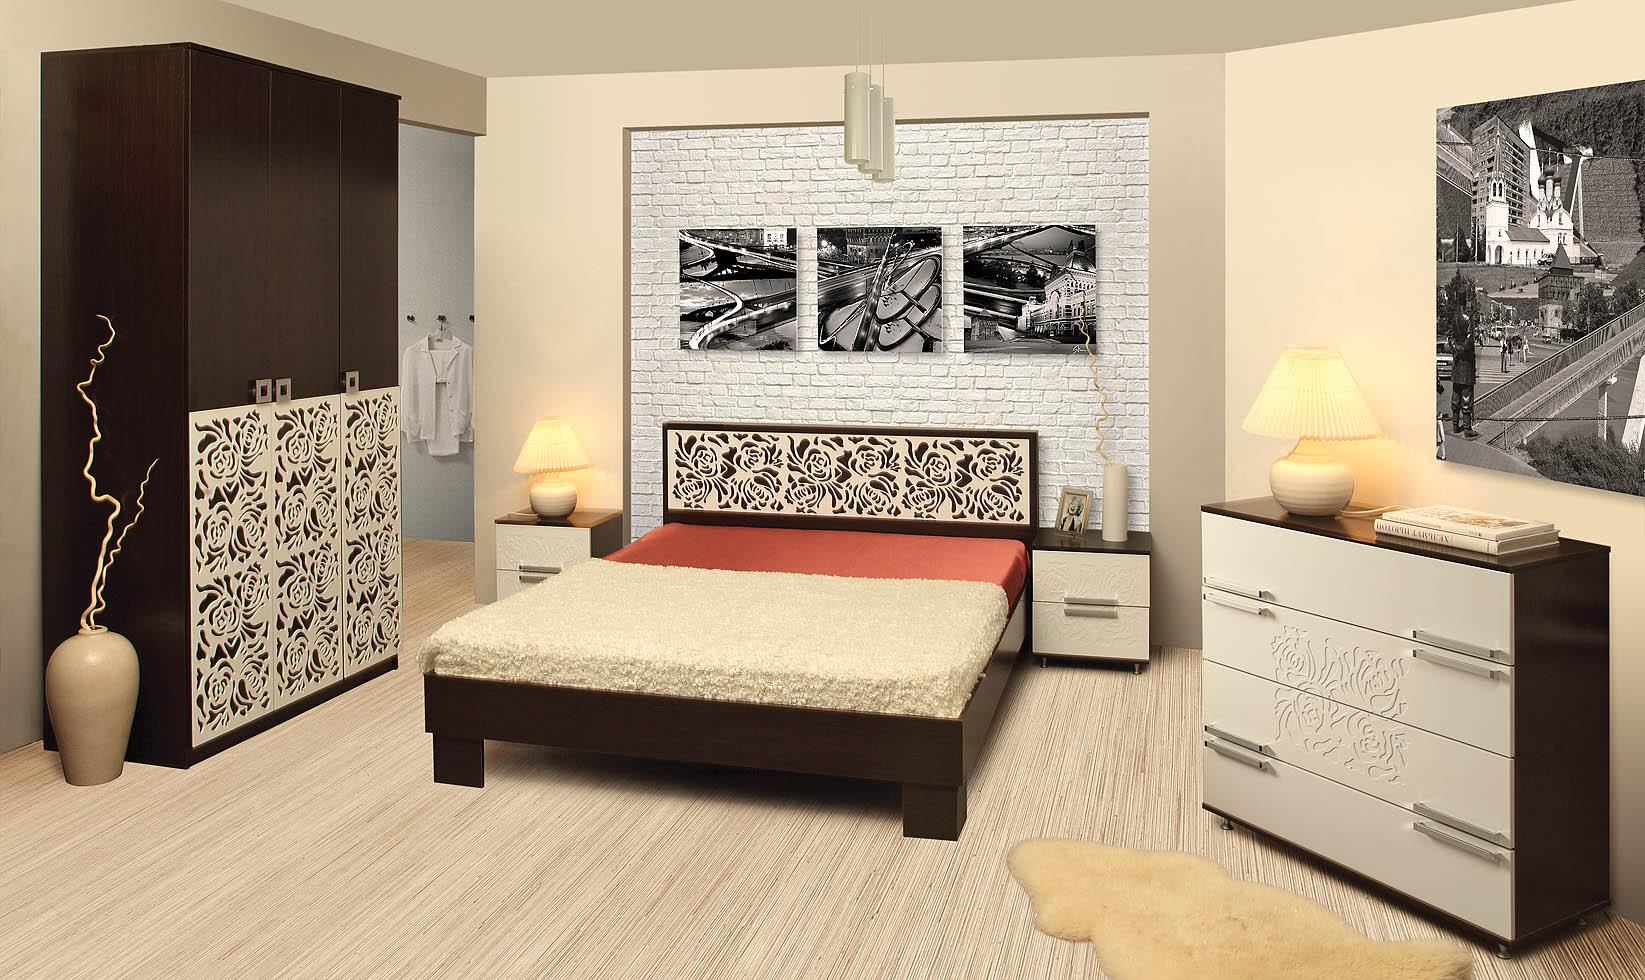 спальный гарнитур для спальни в стиле минимализм: кровать, тумба, шкаф, прикроватные тумбочки